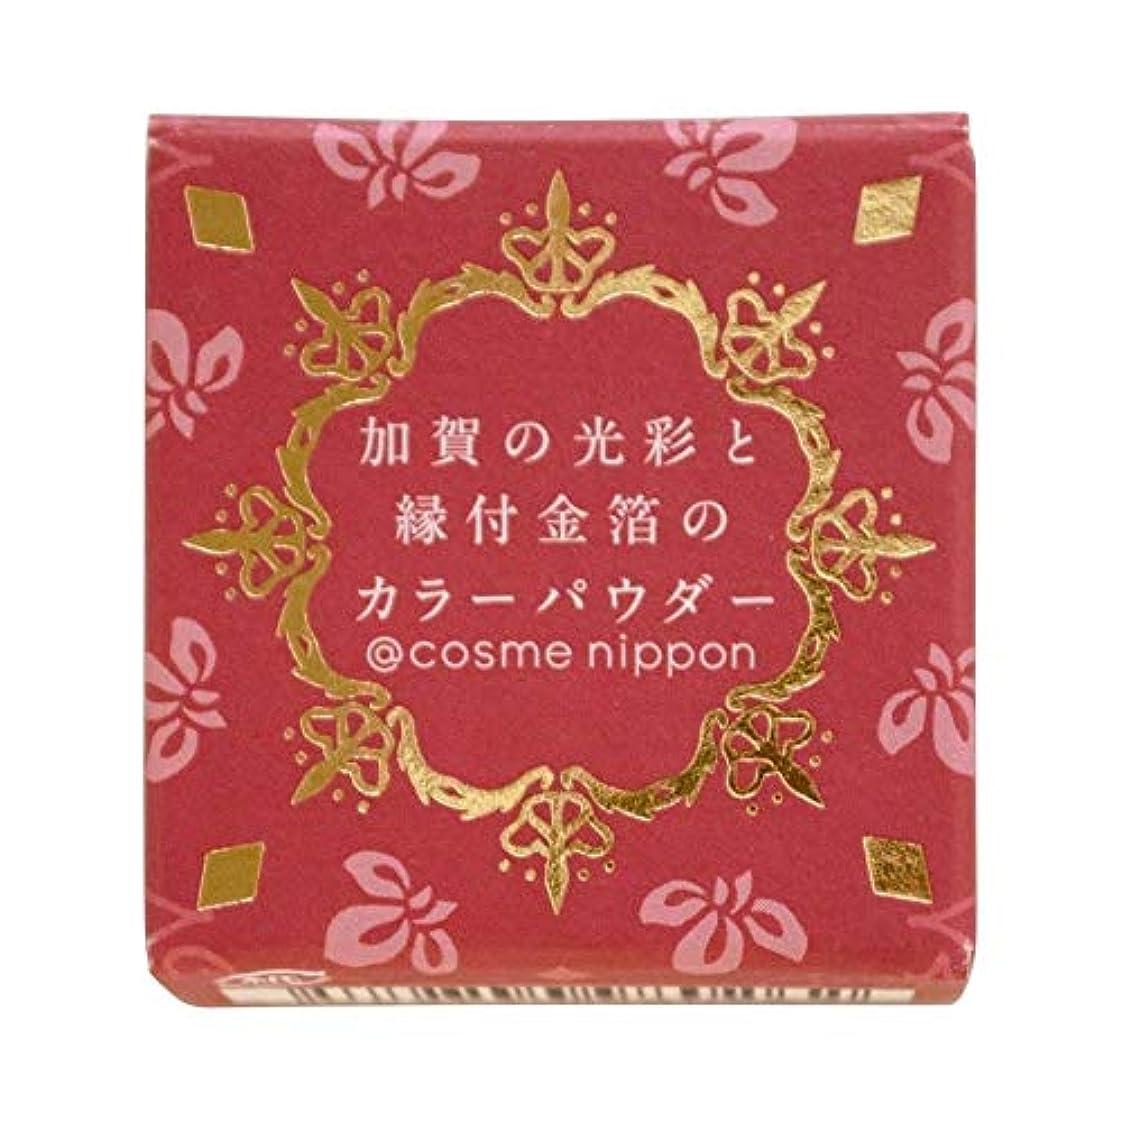 どれでも刃ドメイン友禅工芸 すずらん加賀の光彩と縁付け金箔のカラーパウダー02臙脂えんじ